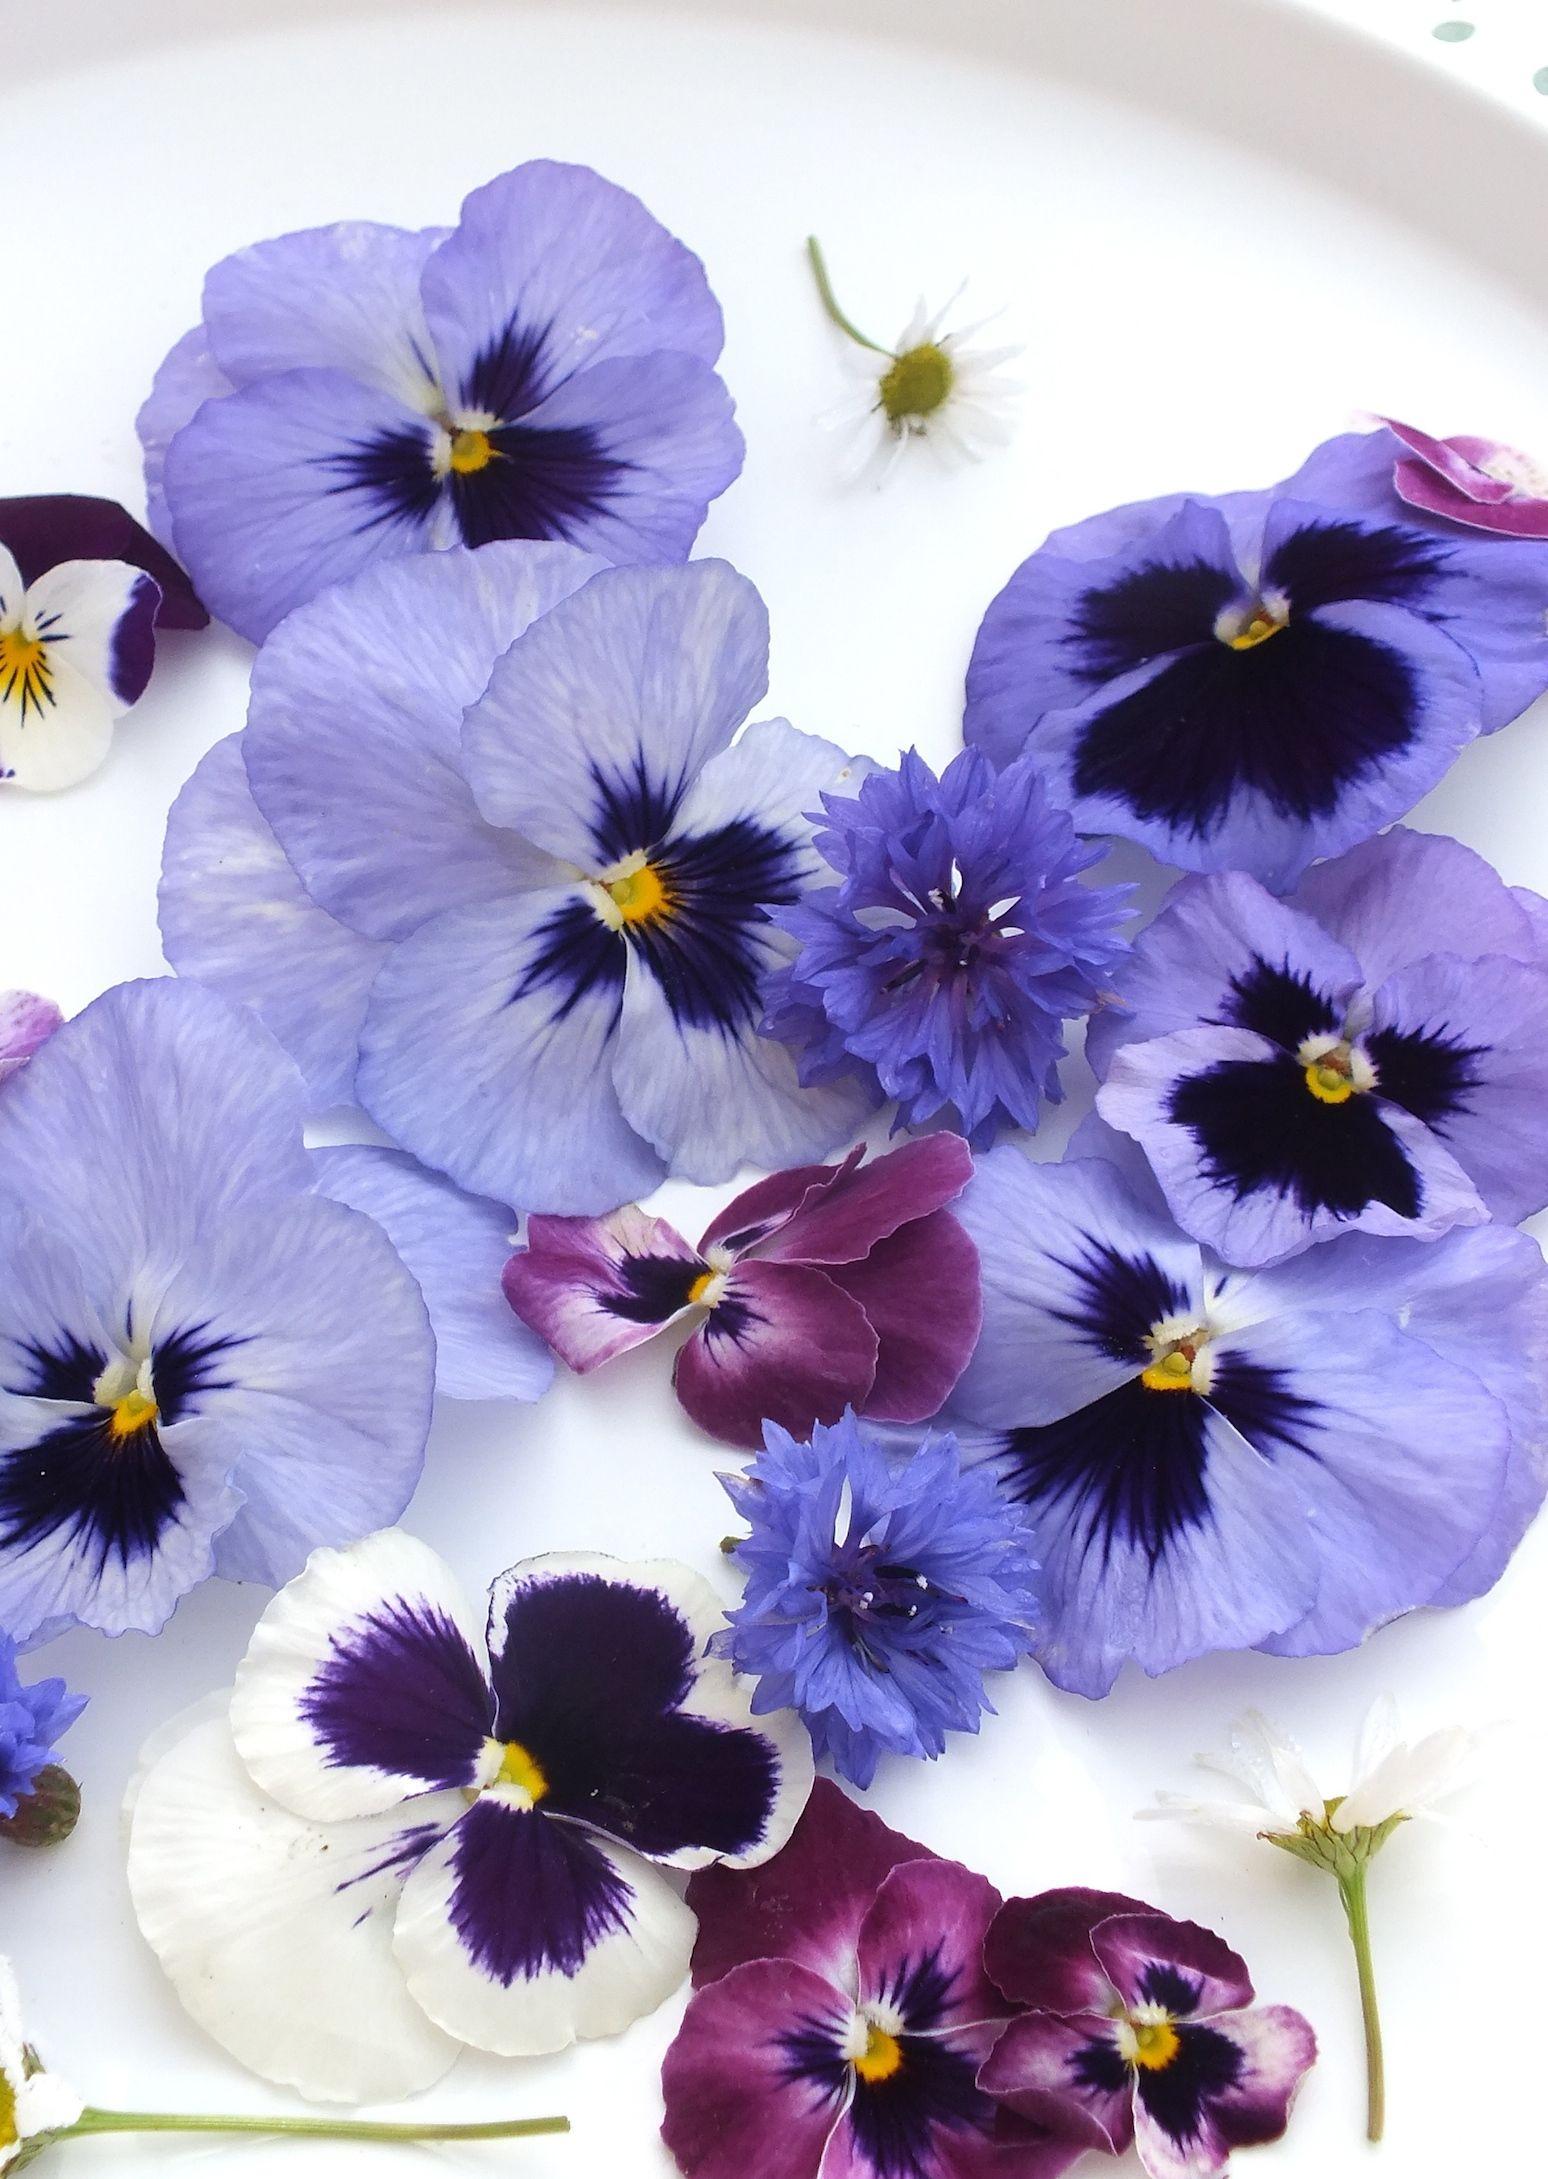 Buy Edible Pansies Fresh Edible Flowers From Maddocks Farm Organics Edible Flowers Pansies Edible